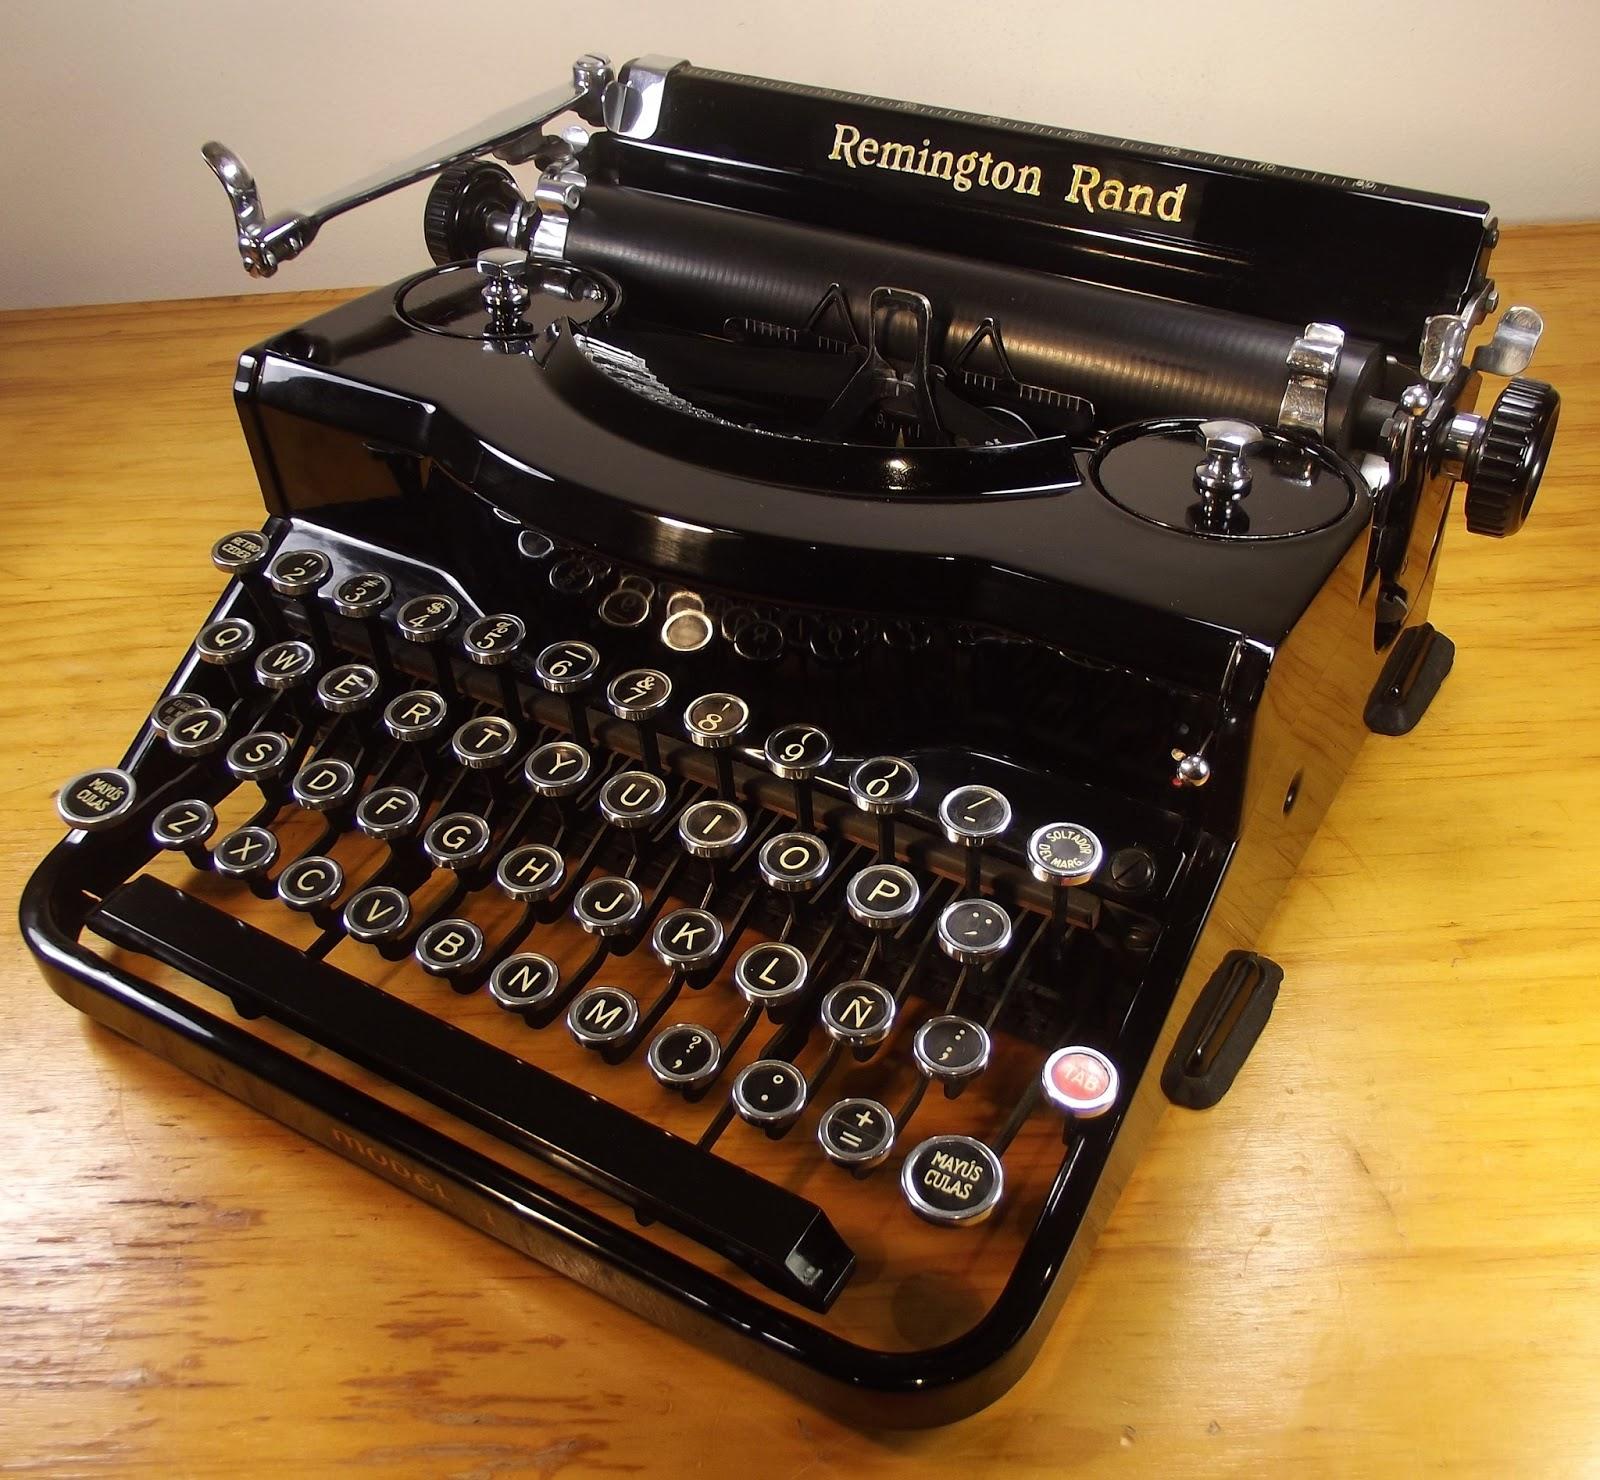 oz Typewriter: Remington Rand Model 1 Portable Typewriter